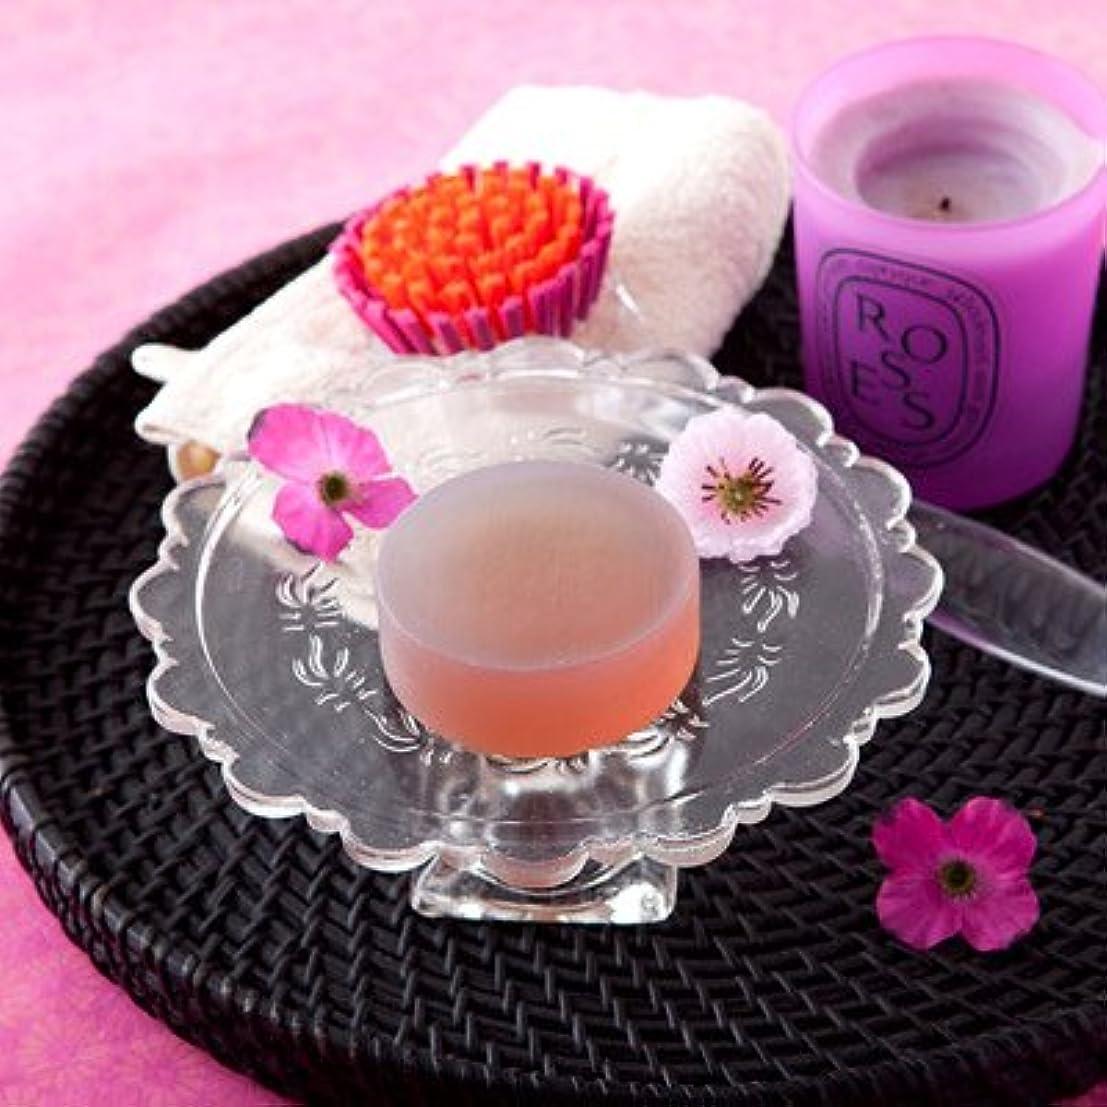 ランチプレビスサイト破産お肌の弱い方も安心なクリアソープセット ペアローザ エステソープ 紫潤(2個セット)